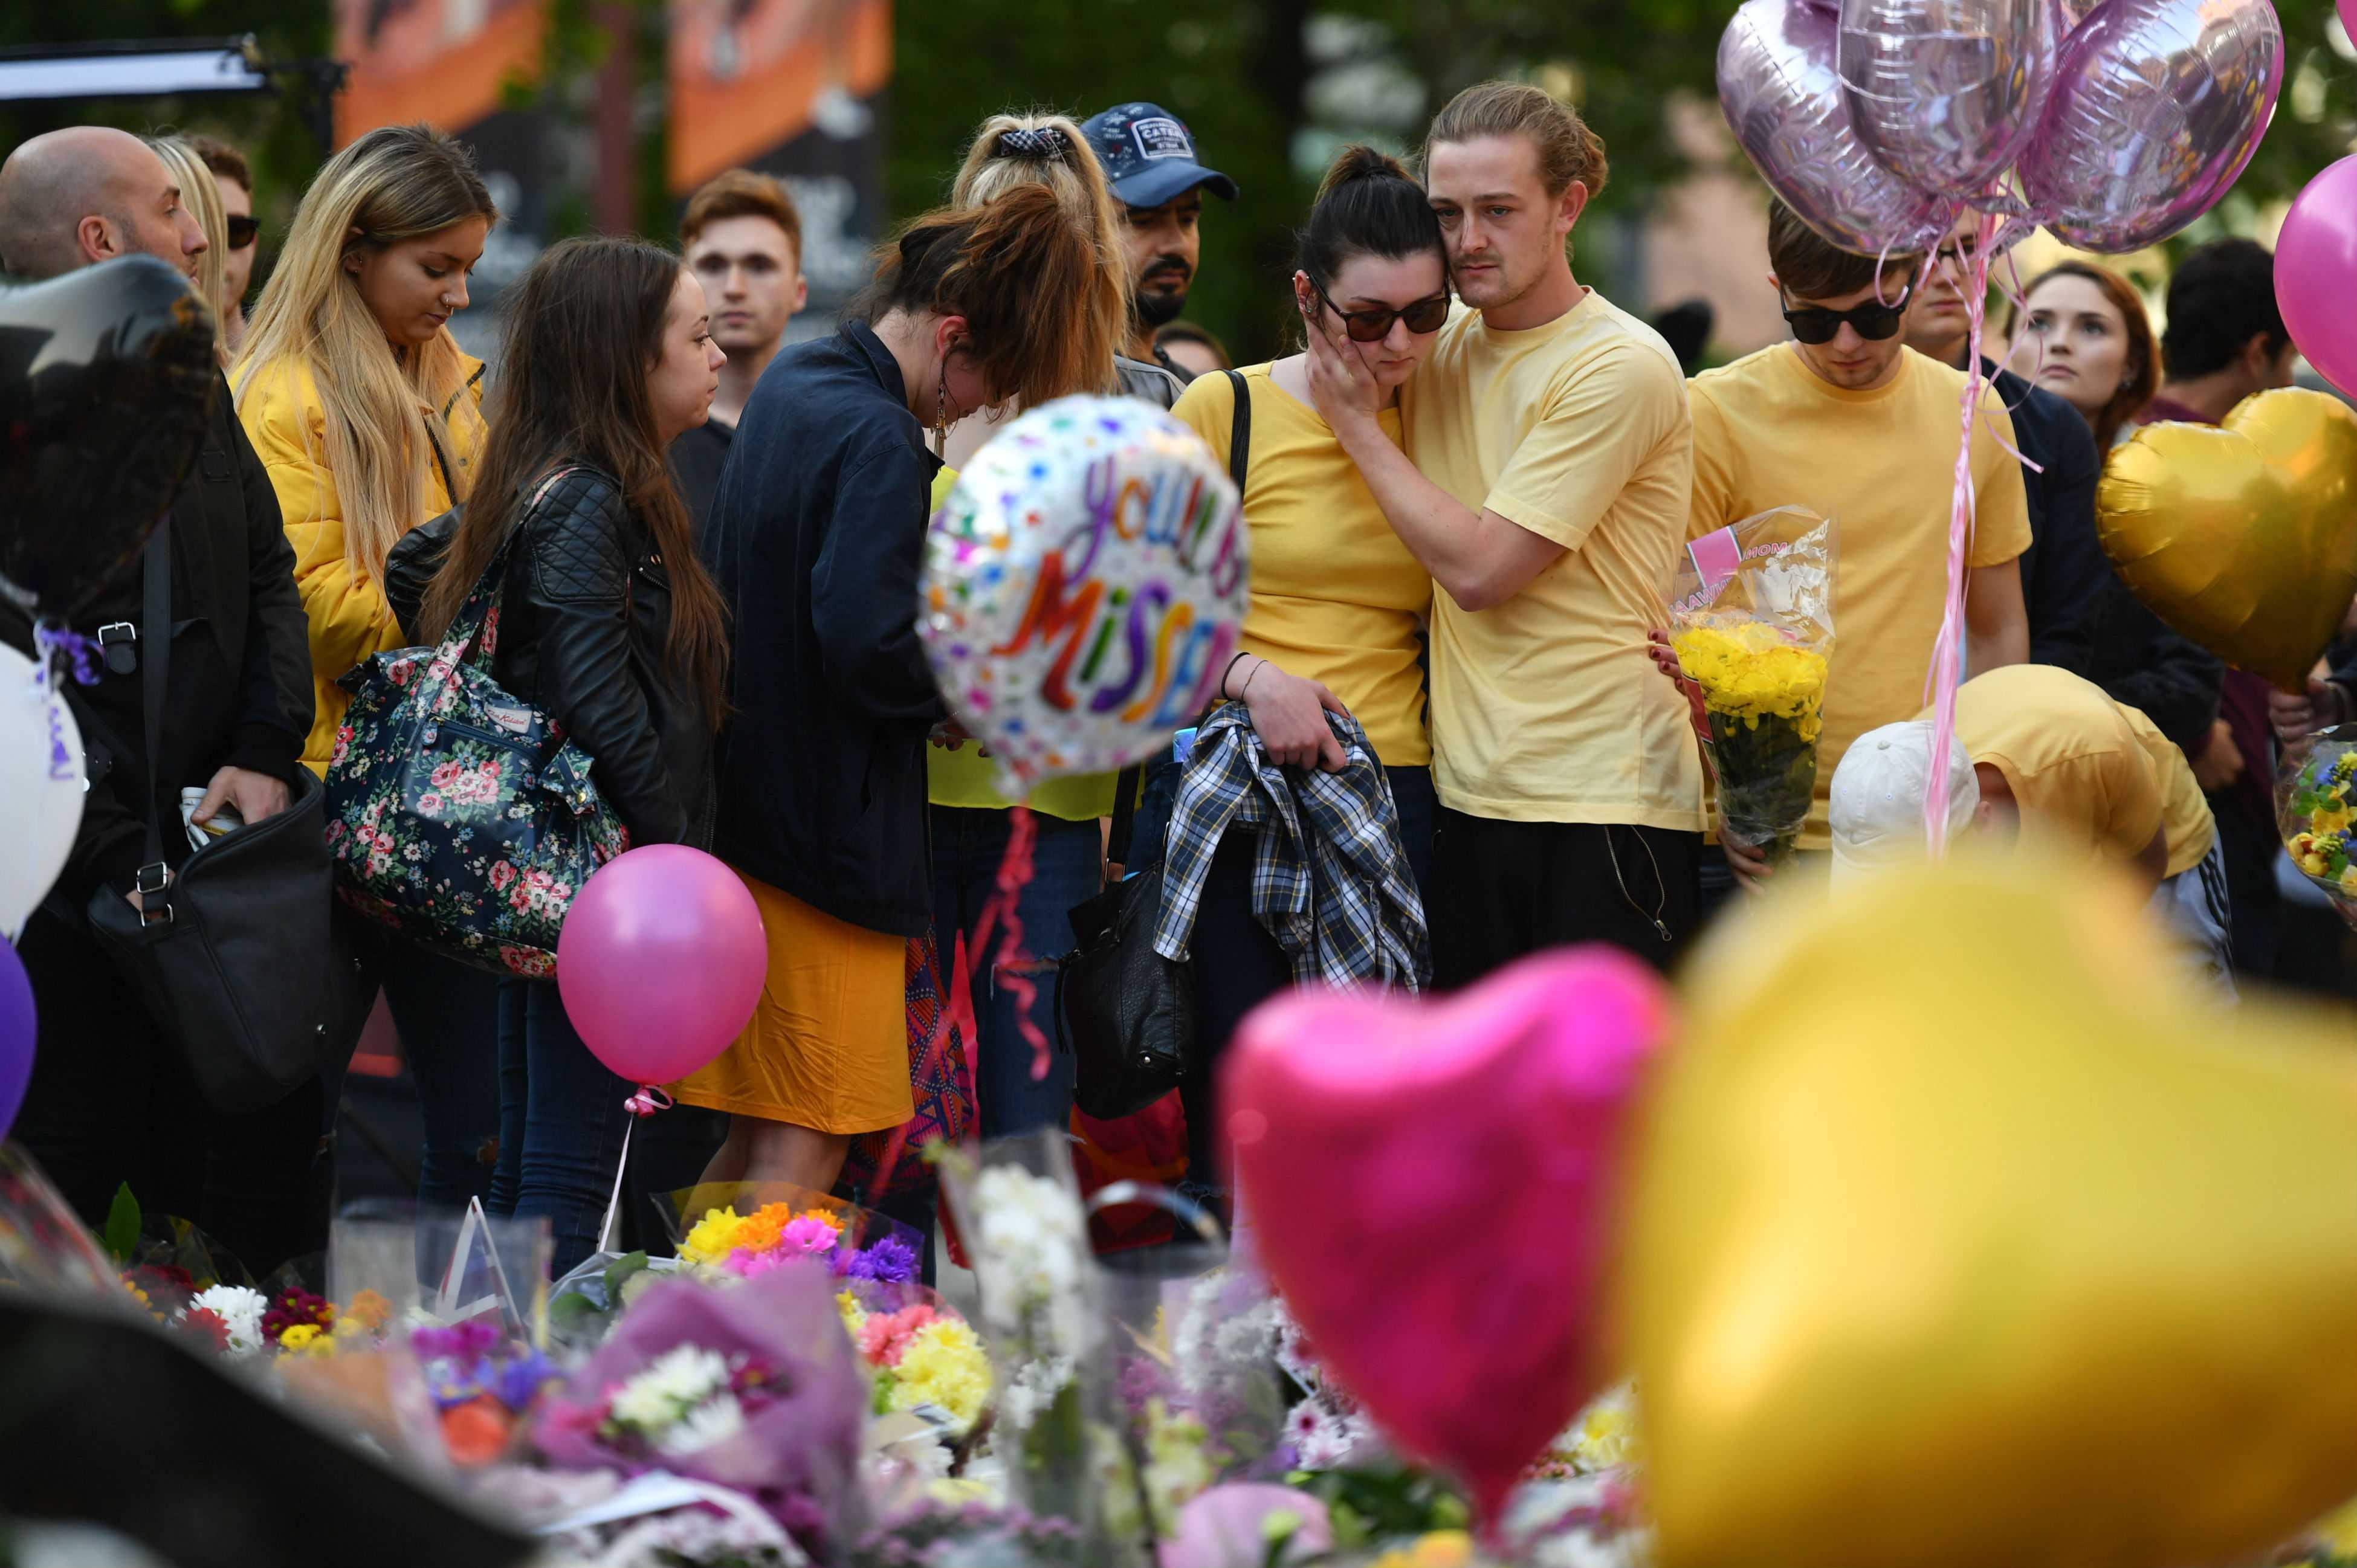 Ataque de Mánchester pone sector de conciertos a la defensiva